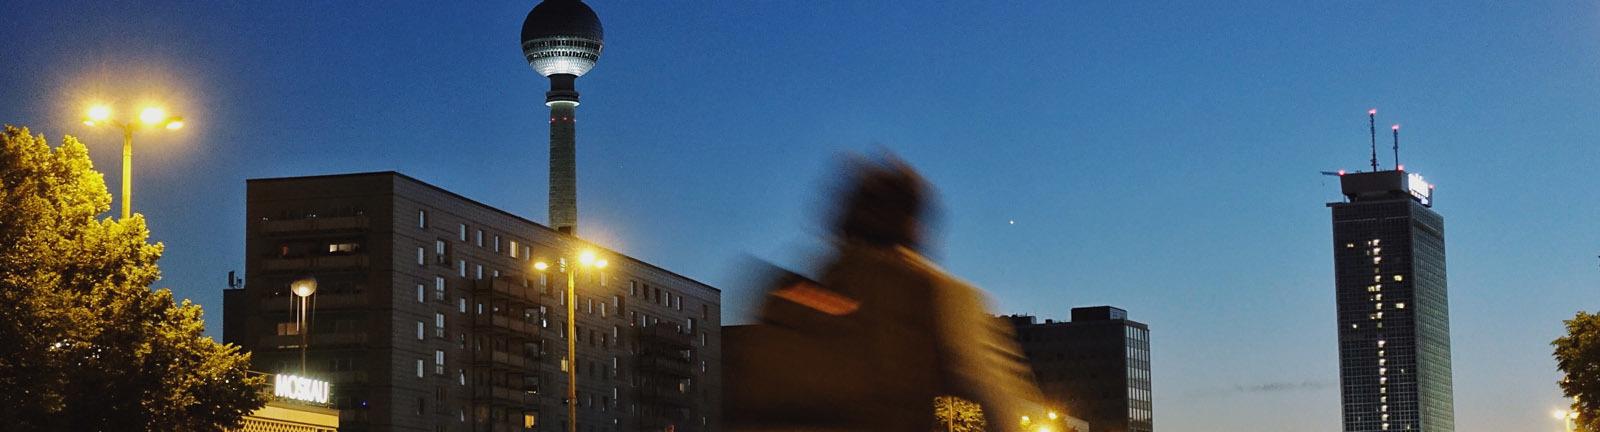 Berlin, Fahrradfahrer am Abend auf der Karl-Marx-Allee